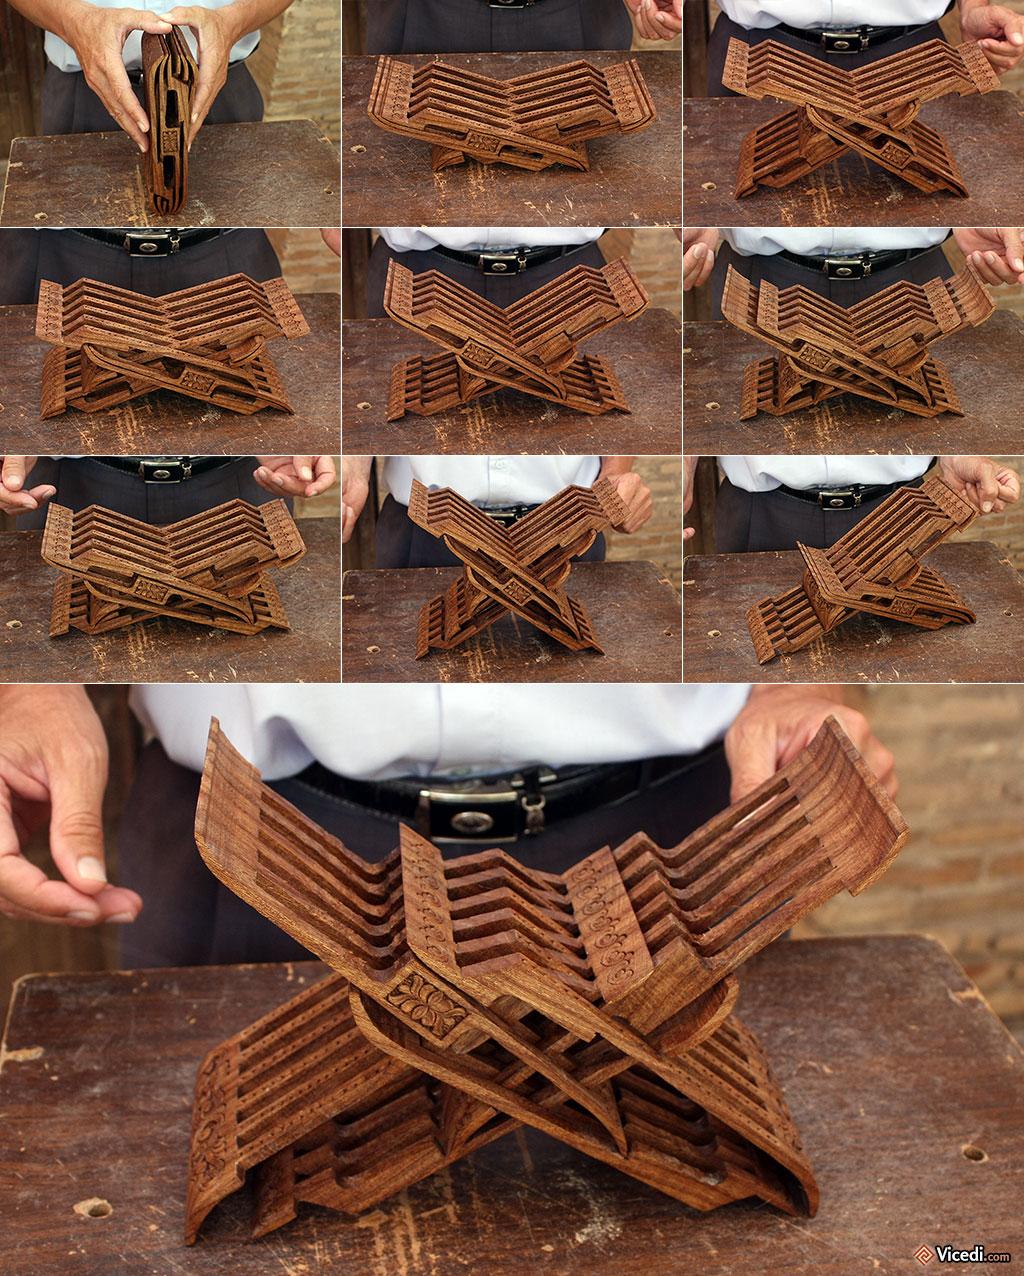 Le lutrin, fait d'une seule pièce de bois, et ses 9 positions différentes.